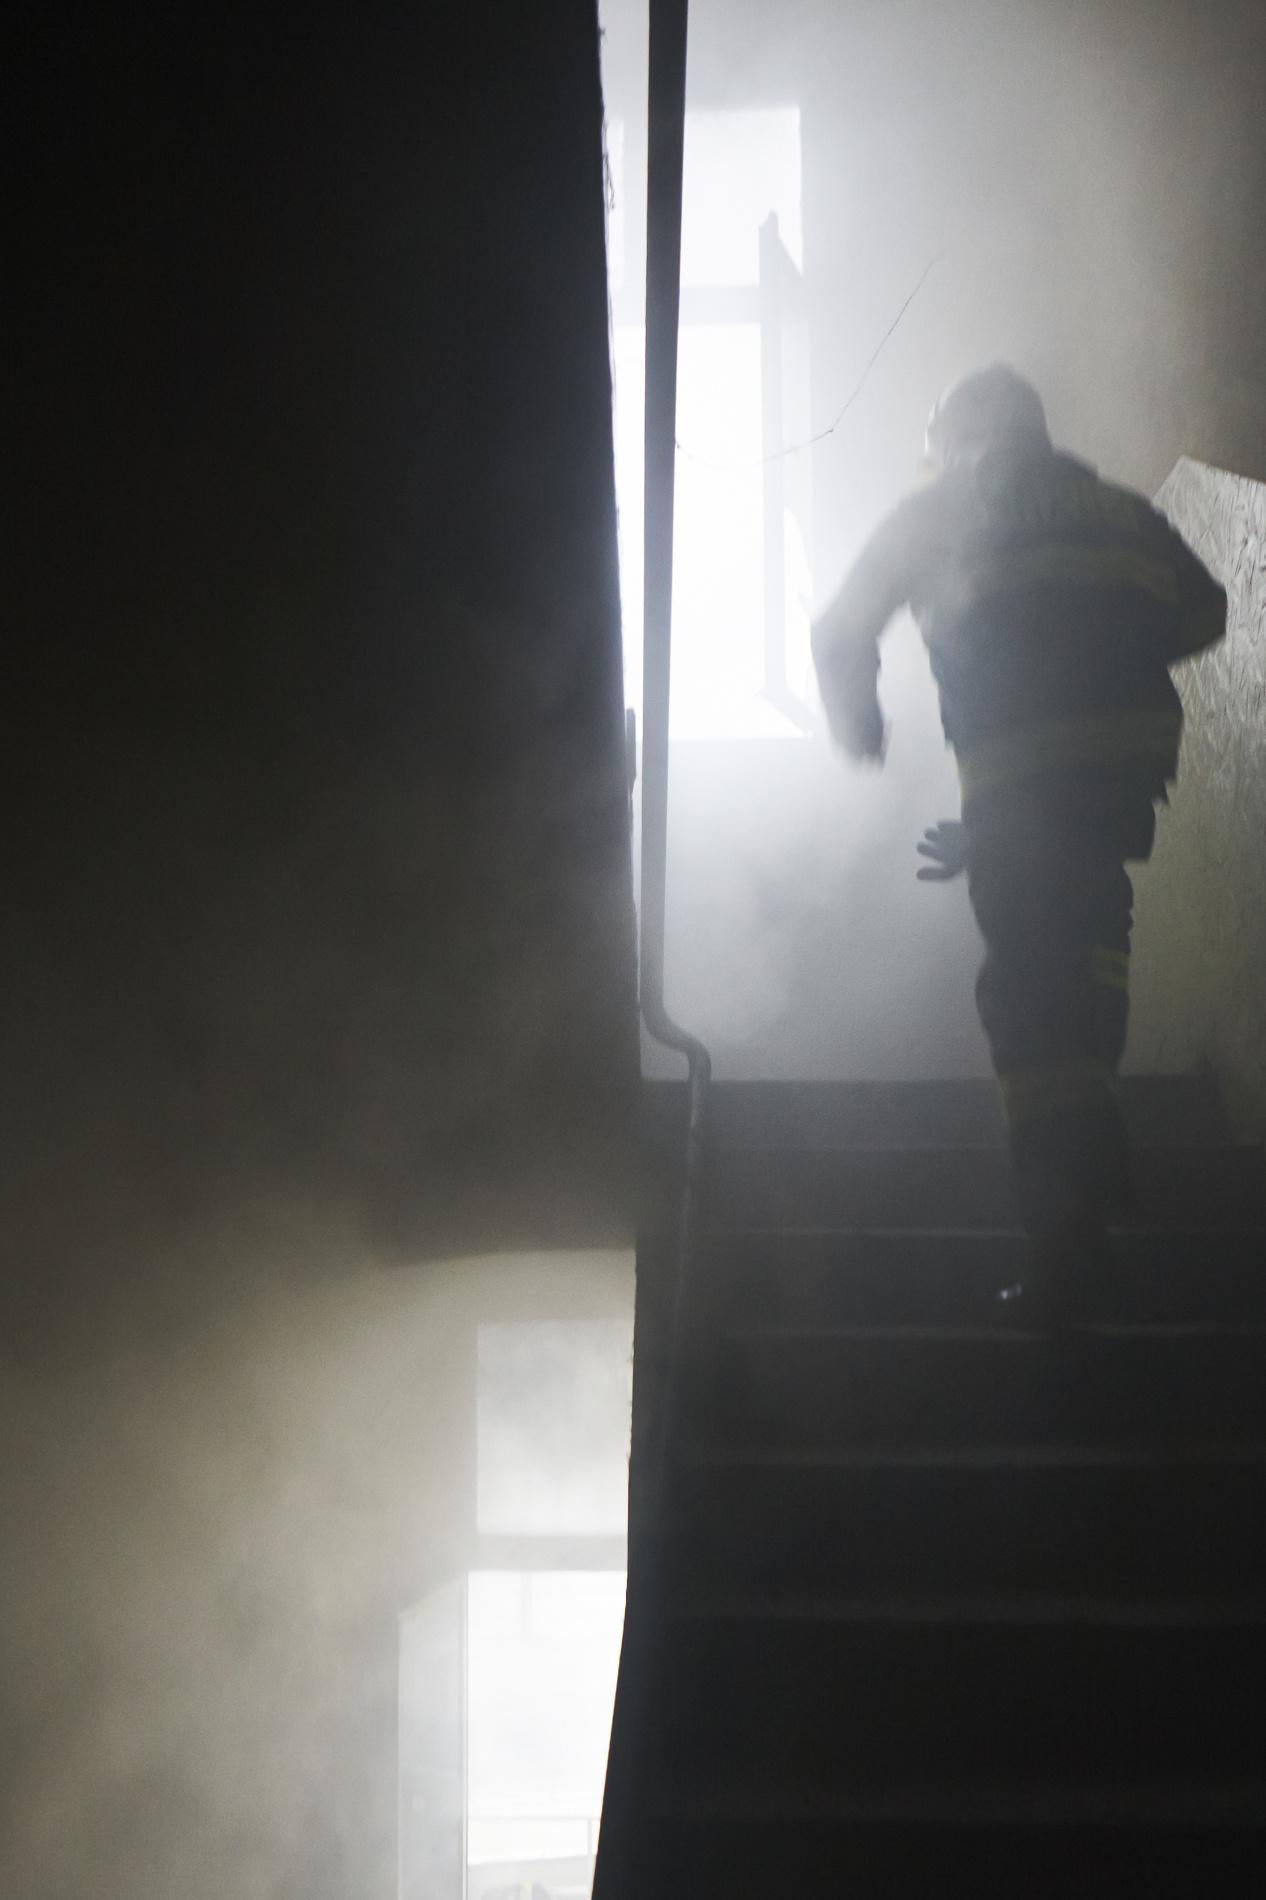 Byl jednou jeden opuštěný dům a v tom domě hořelo. Přijeli hasiči a oheň sfoukli. Byl jednou jeden opuštěný dům a v tom domě hořelo už podruhé během odpoledne. Přijeli hasiči a oheň zase sfoukli. Blízko tohoto domu byl také jeden mladý muž a toho o dvě hodiny později sbalila policie. Dalo by se říci, že dobro zvítězilo nad zlem. Klíčovým svědkem se stal záznam kamerového systému. Hasičský vyšetřovatel na  něm viděl onoho muže, jak vedle něj během hašení dokonce postává. Na otázku, proč to udělal, odvětil, že ho prý naštvali v práci.- (Foto: Jaromír Chalabala)